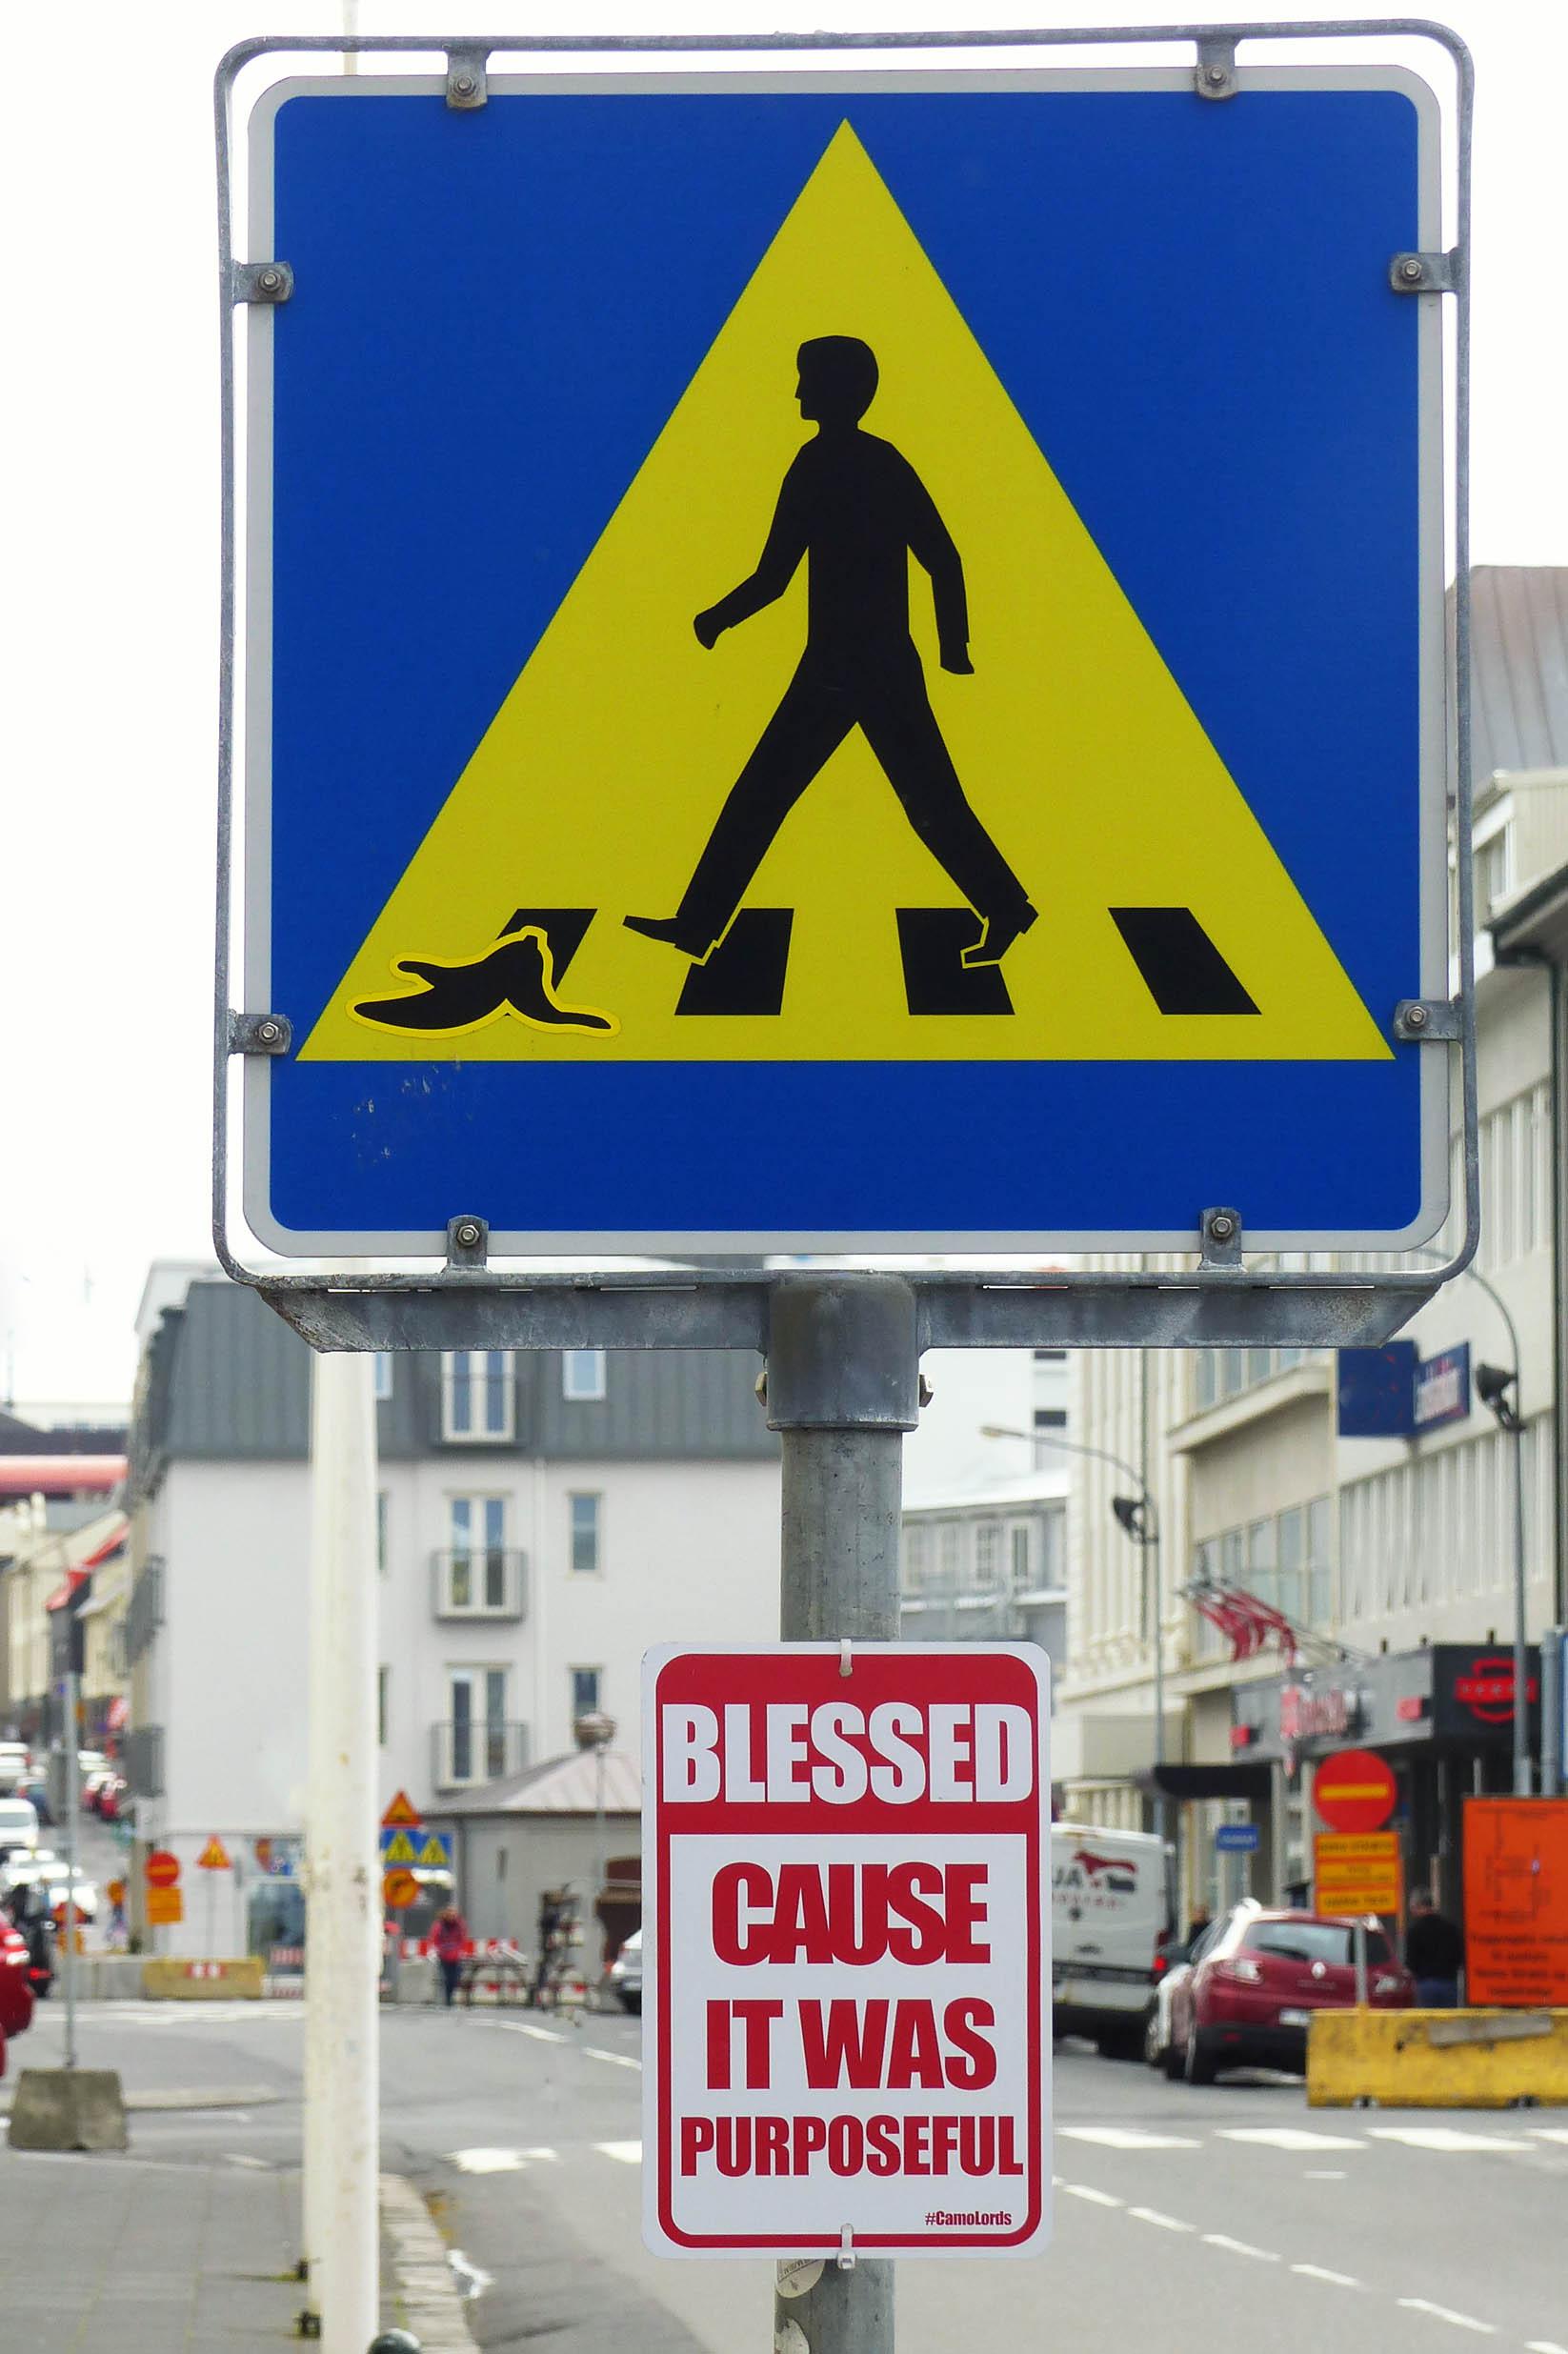 Road sign art